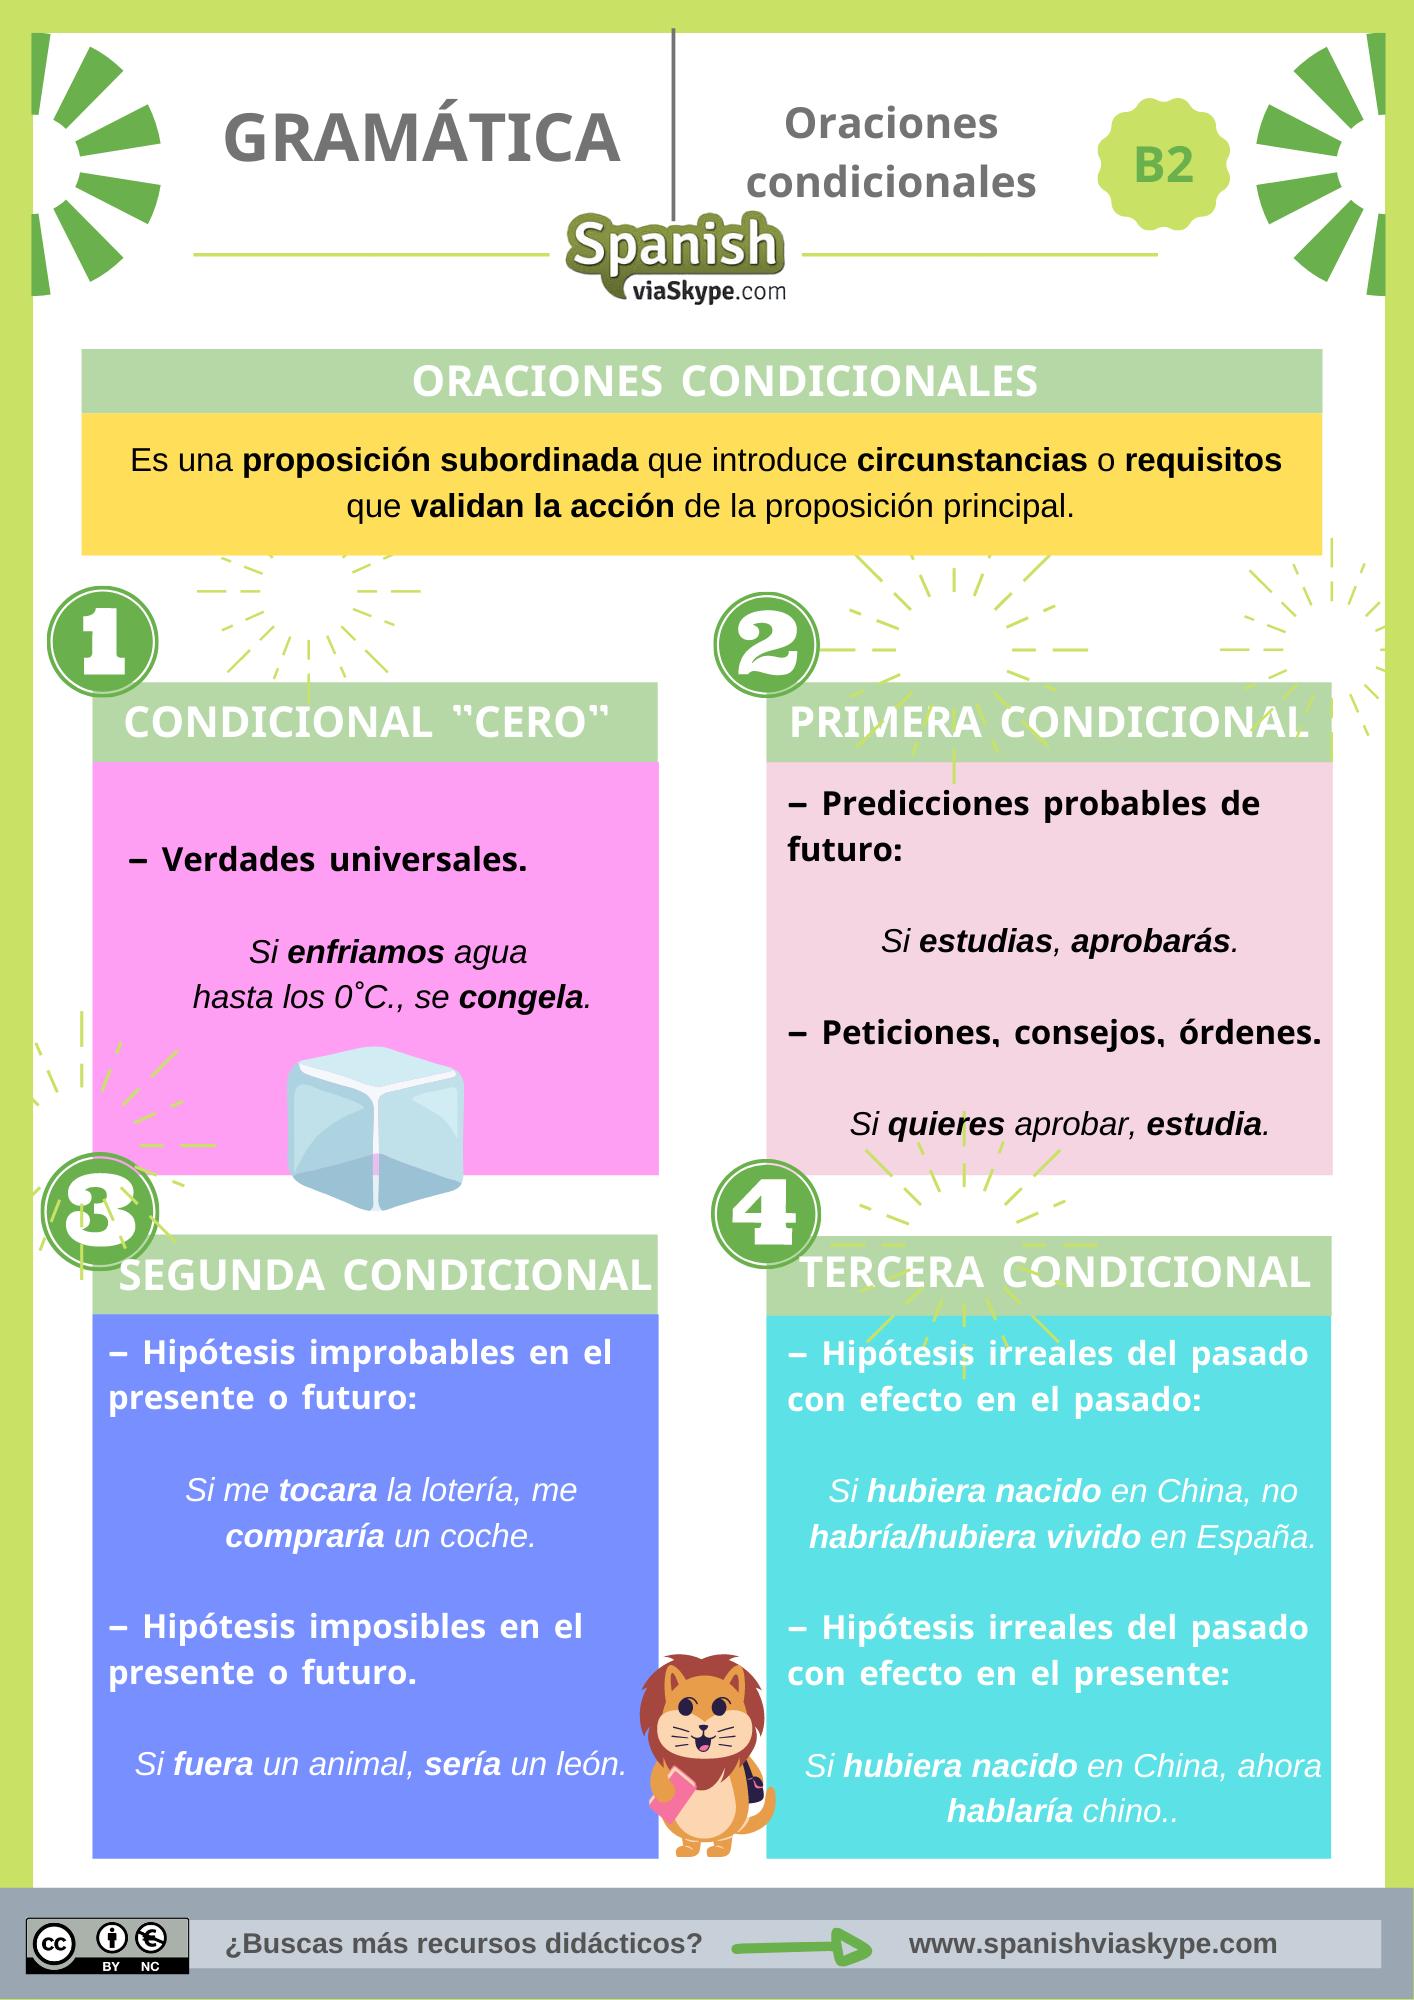 Infografía de las oraciones condicionales en español